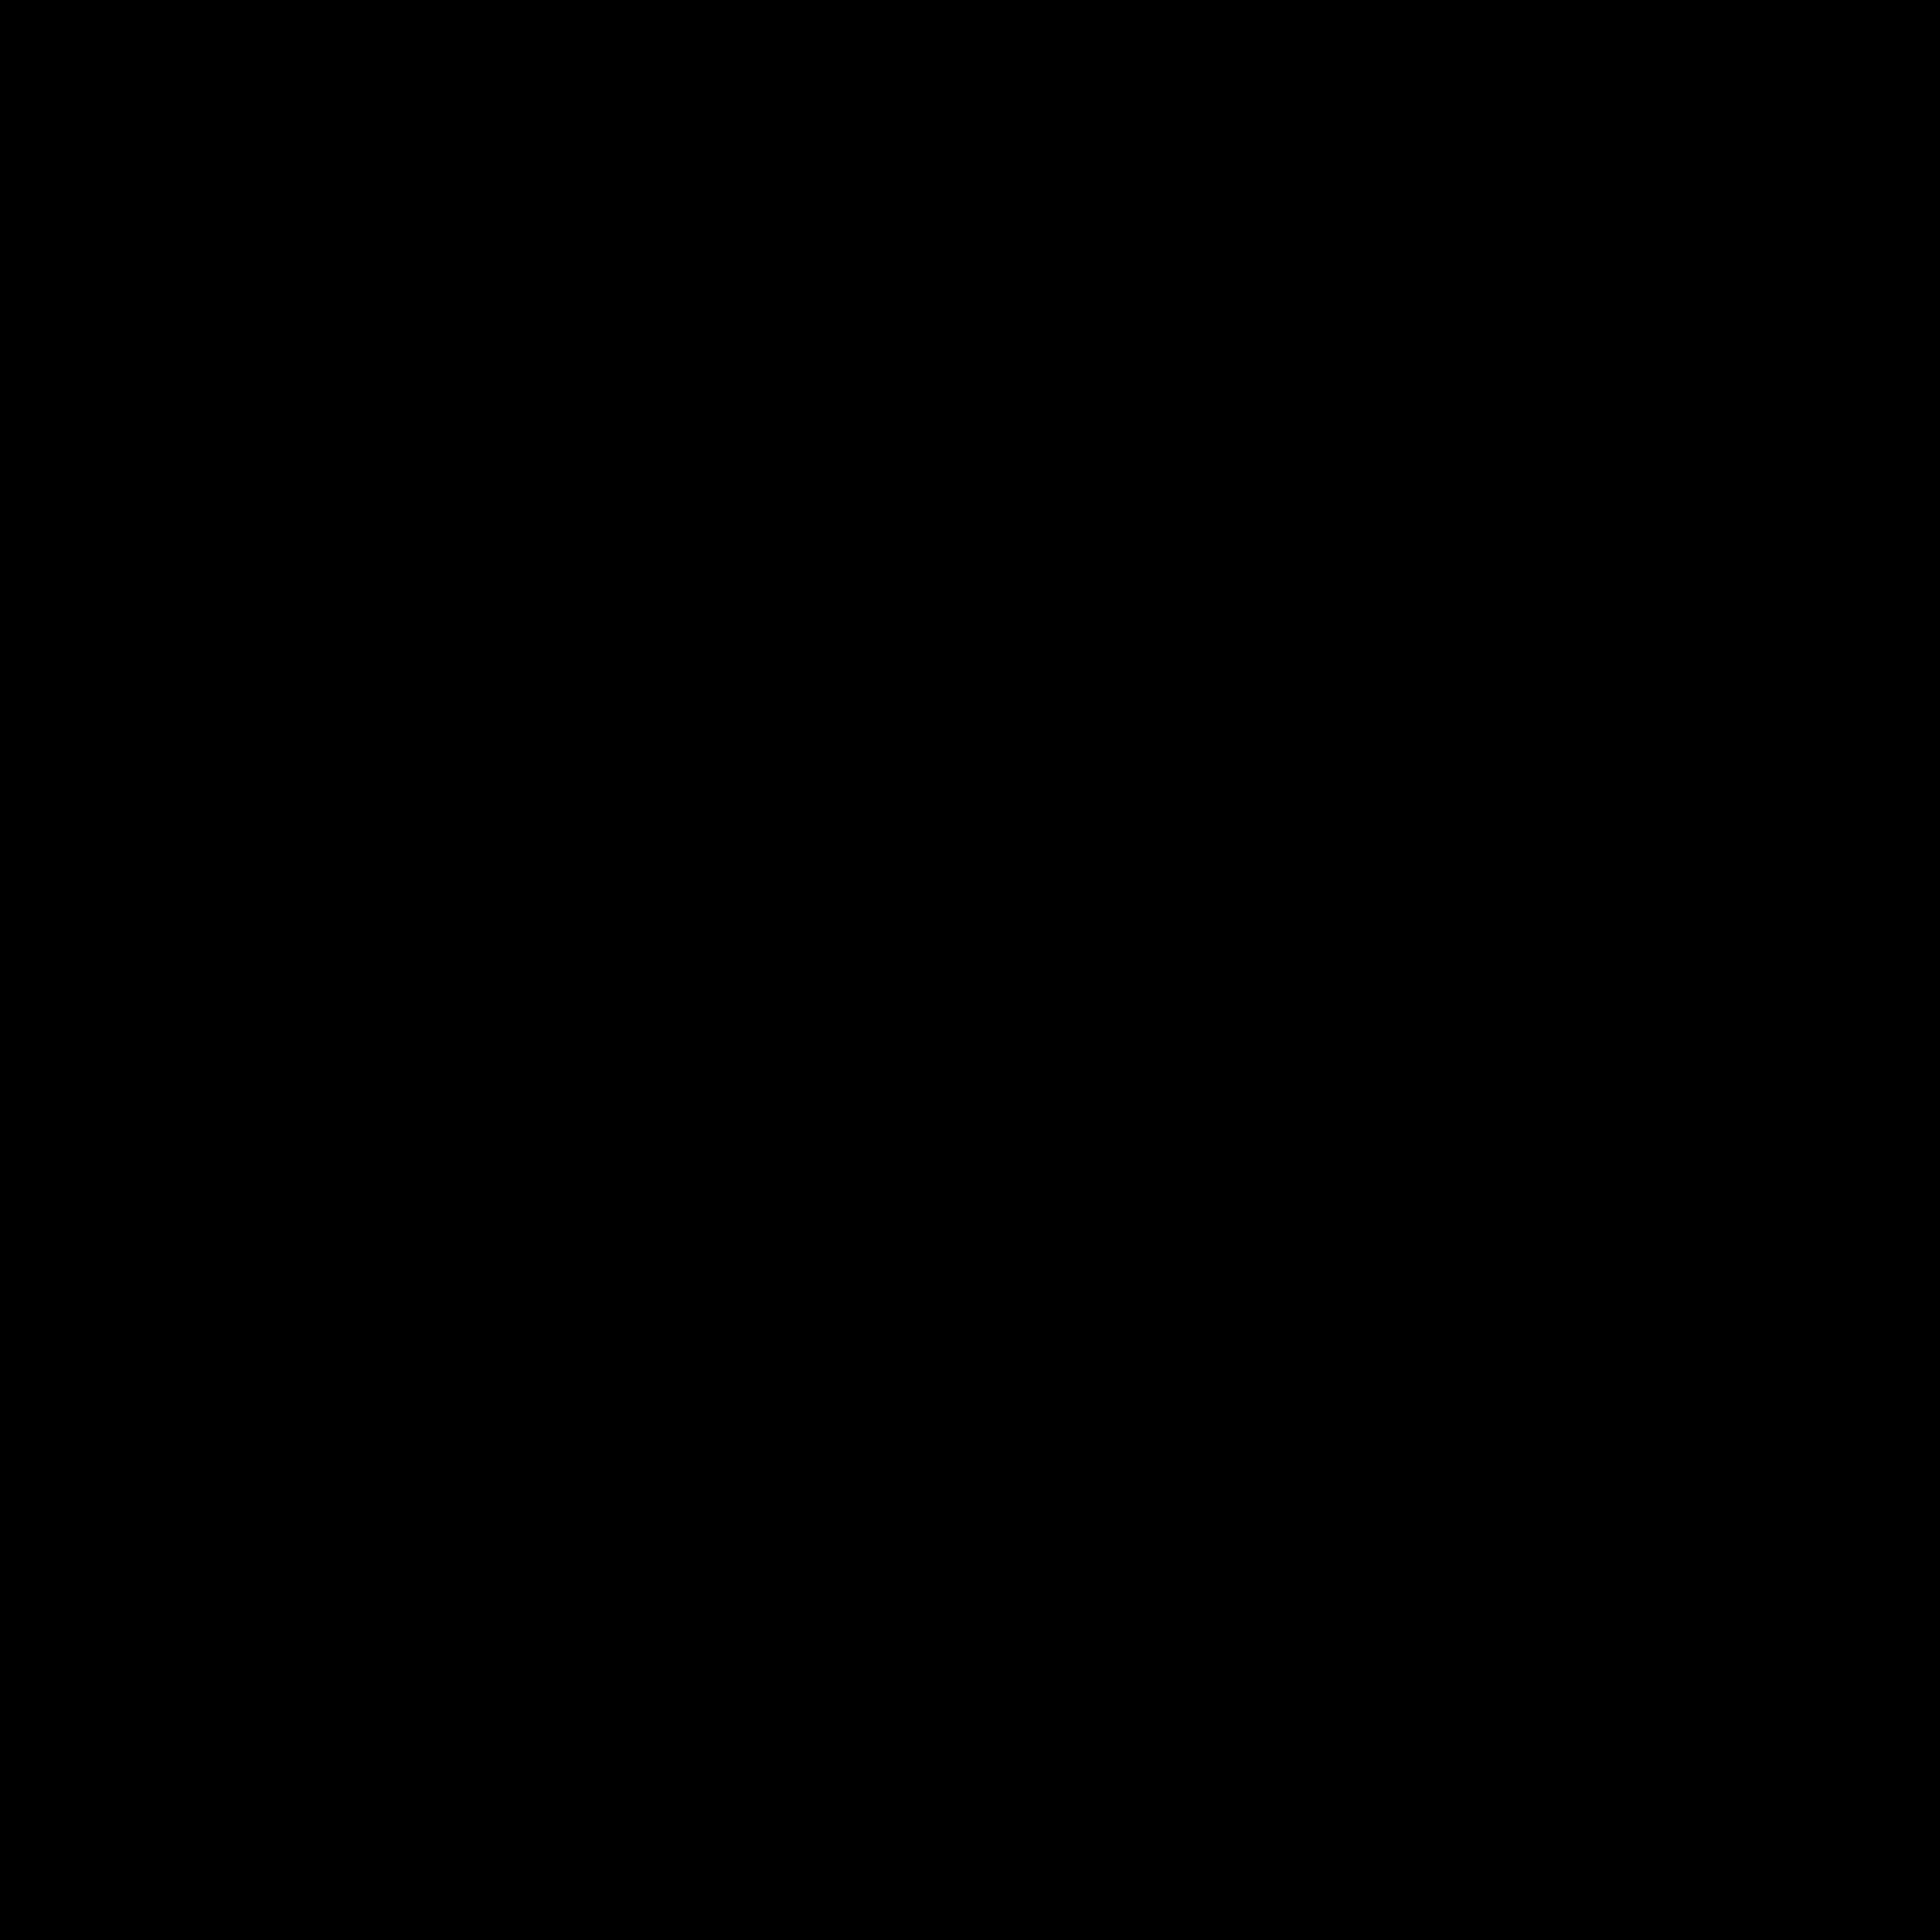 Gears clipart logo #4 - PNG HD Gears Cogs